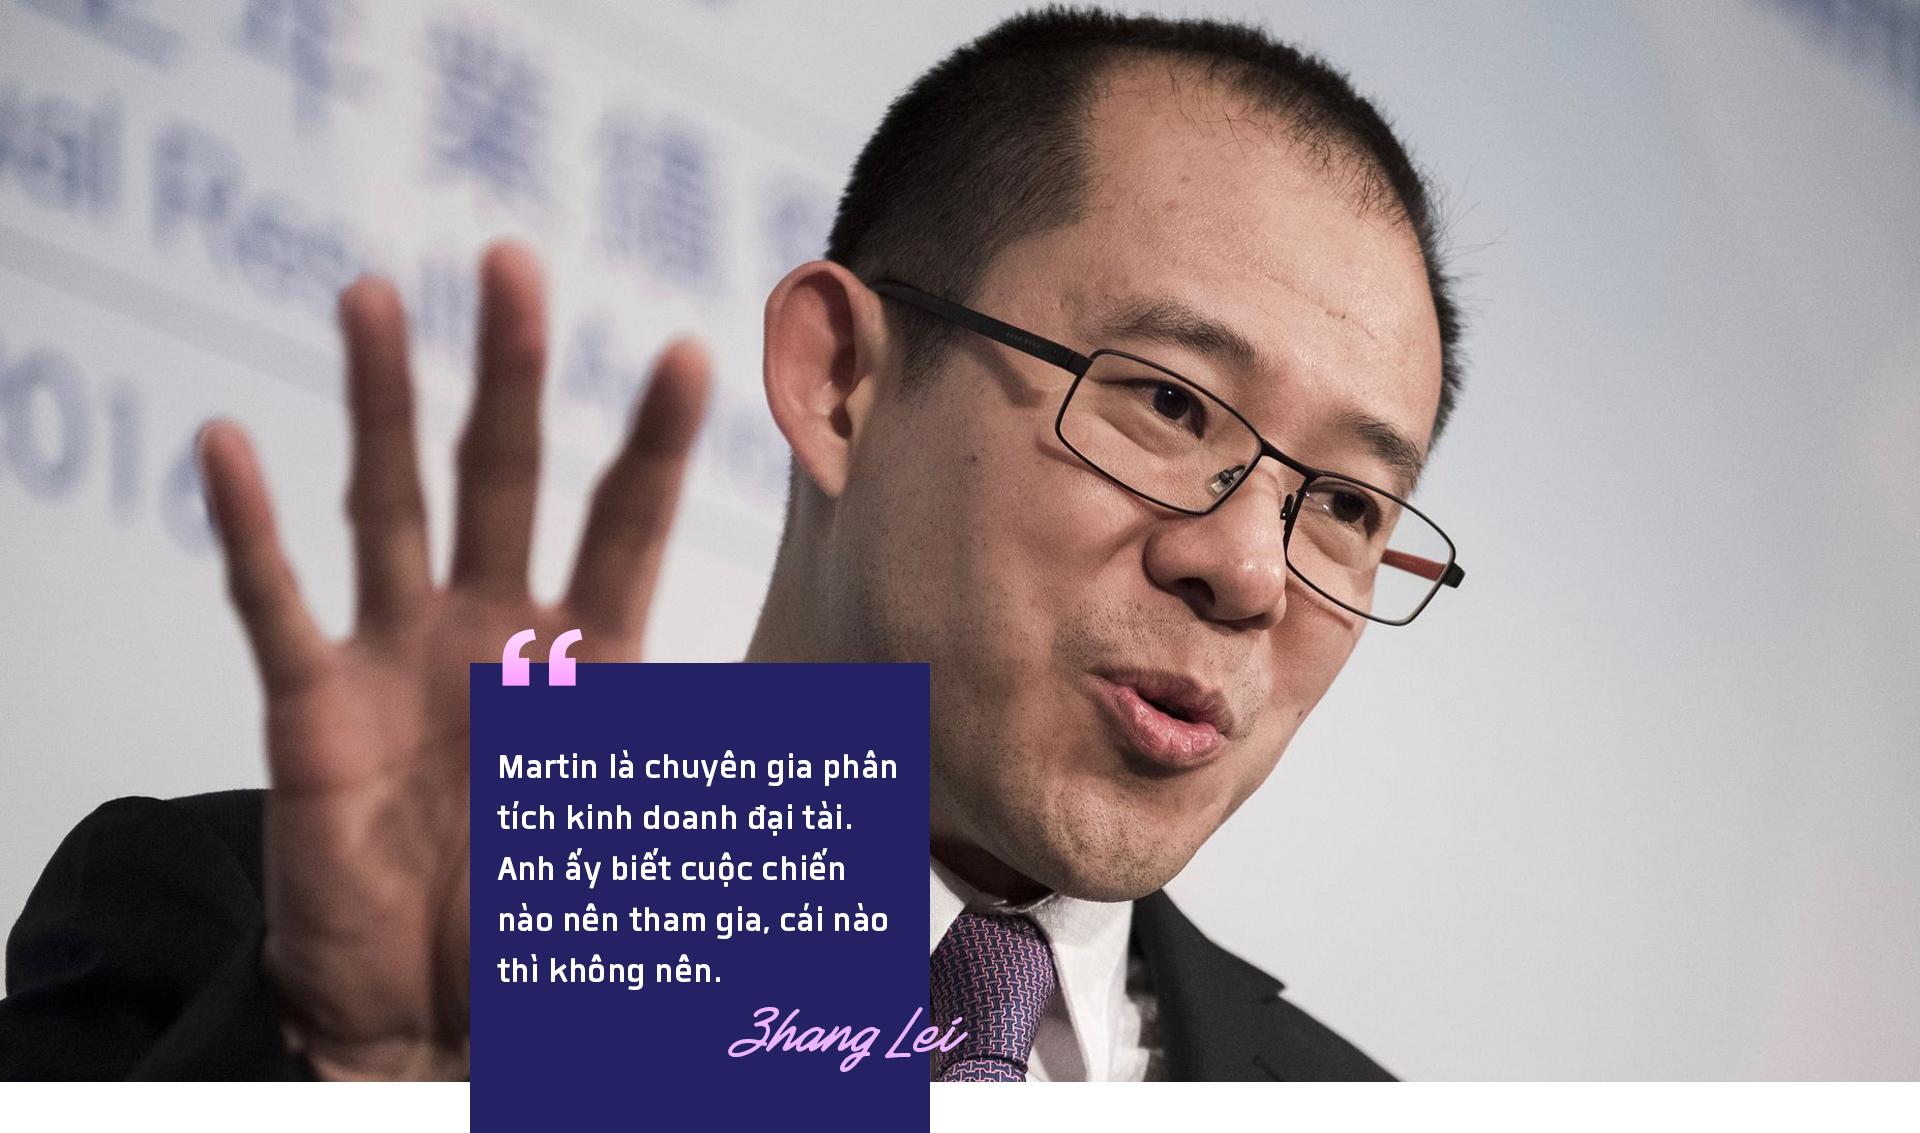 """Tencent – Từ """"vua đạo nhái"""" bị cả thế giới coi thường đến kẻ dẫn đầu ngồi cùng mâm Facebook, Google, Apple - Ảnh 13."""